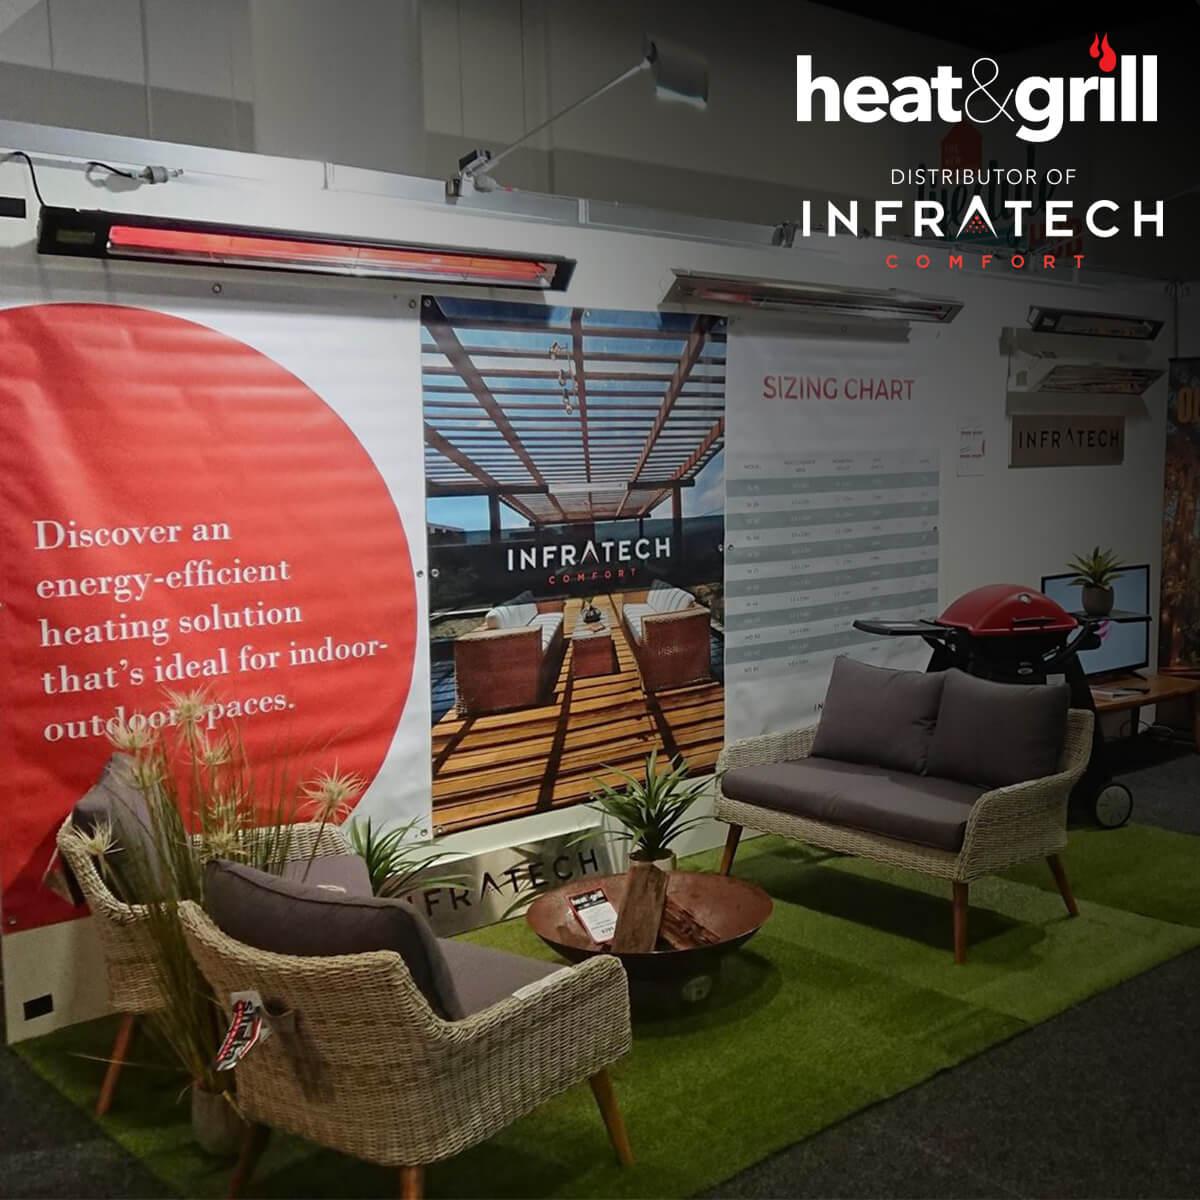 Distributor - Heat & Grill